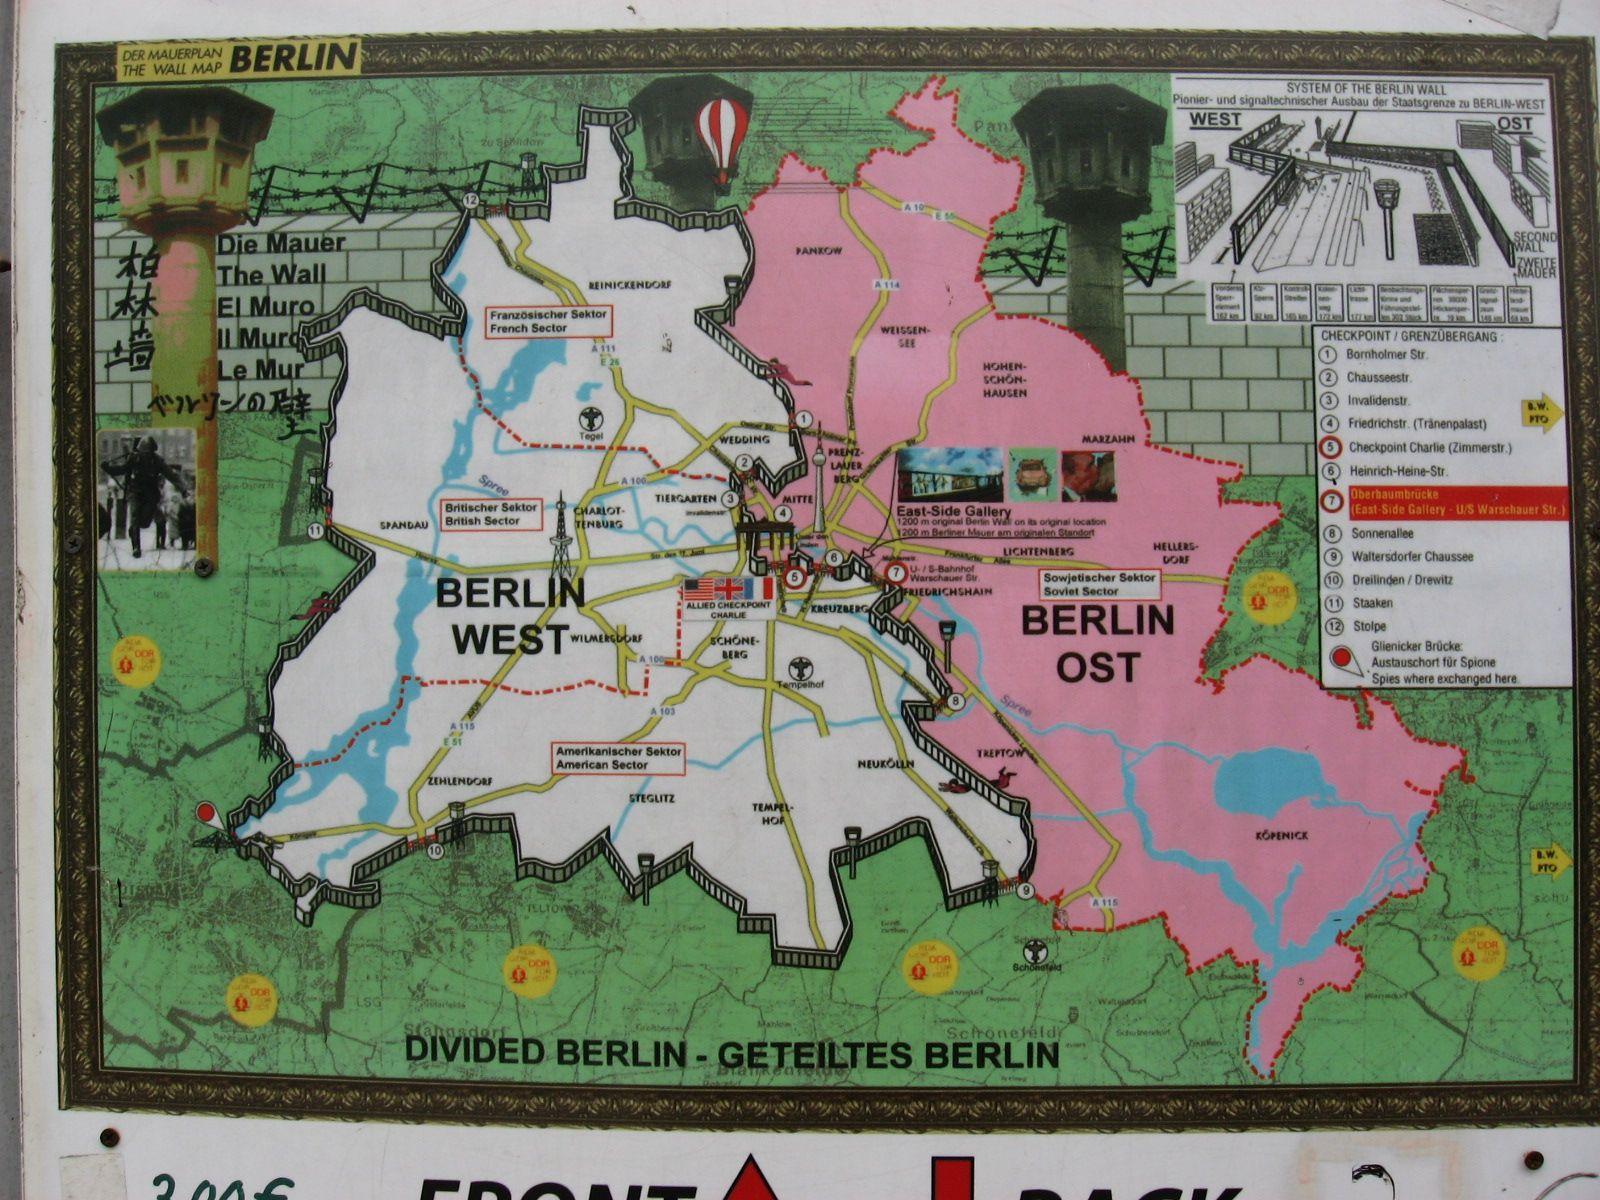 Berlin Strike First 82 86 Us Army Berlin Brigade G Erinnerungen